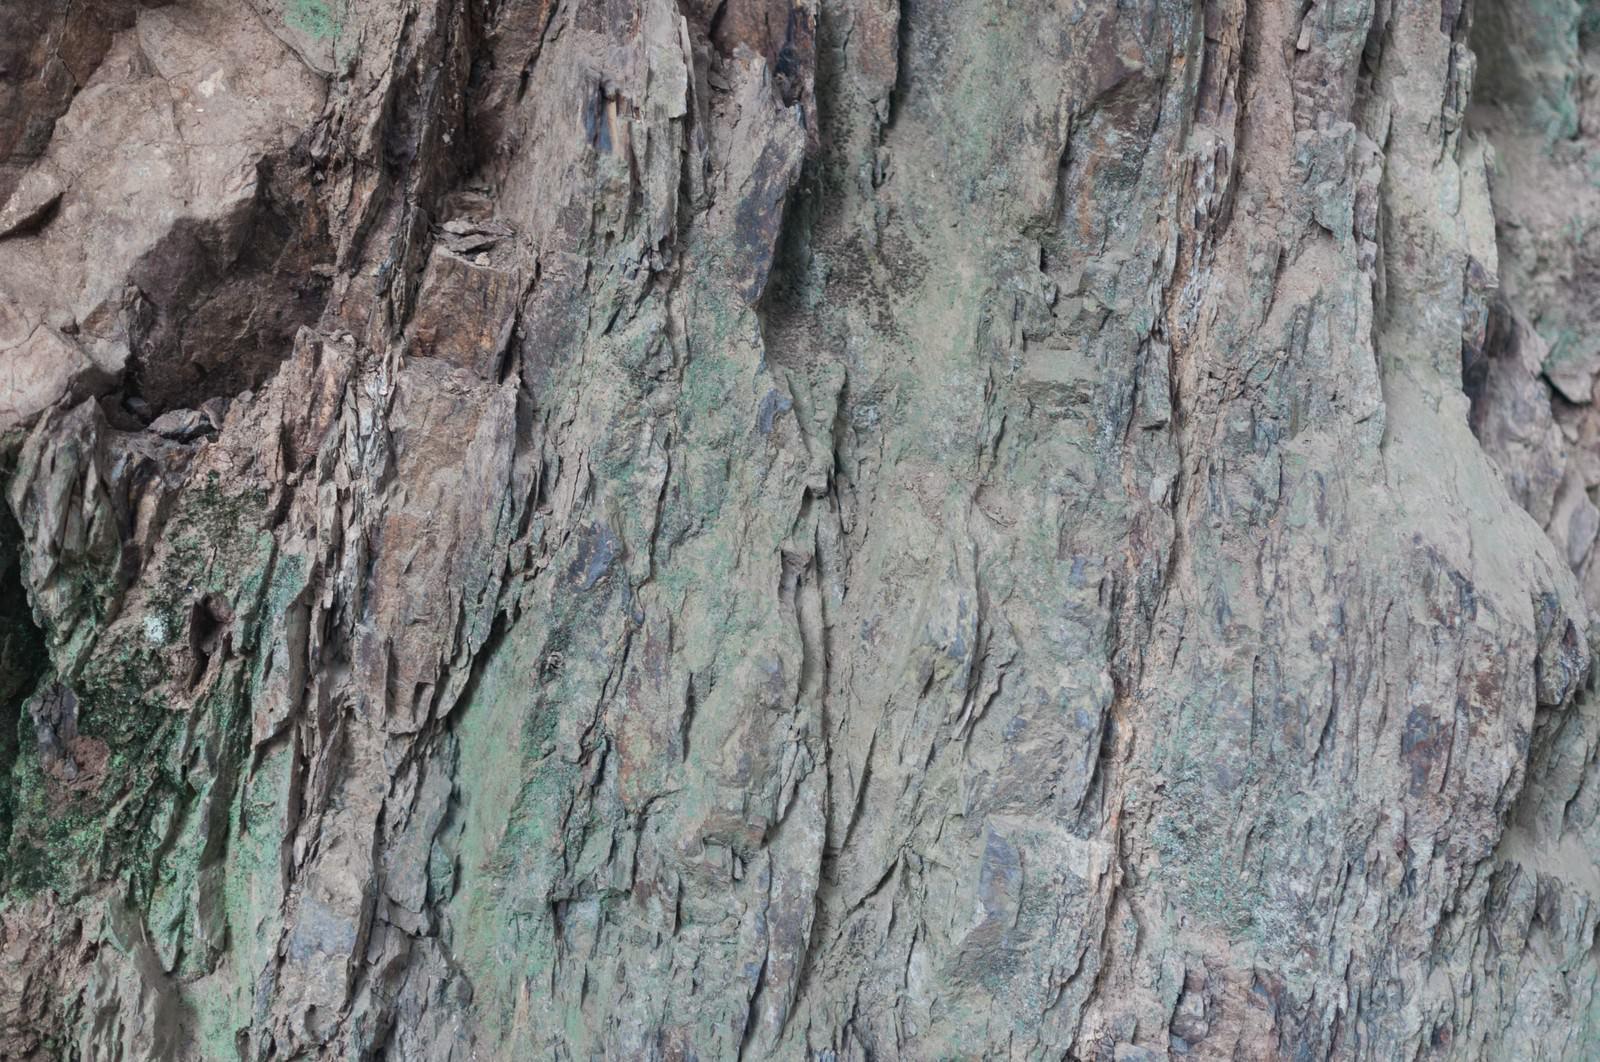 「ゴツゴツした岩肌(テクスチャー)ゴツゴツした岩肌(テクスチャー)」のフリー写真素材を拡大